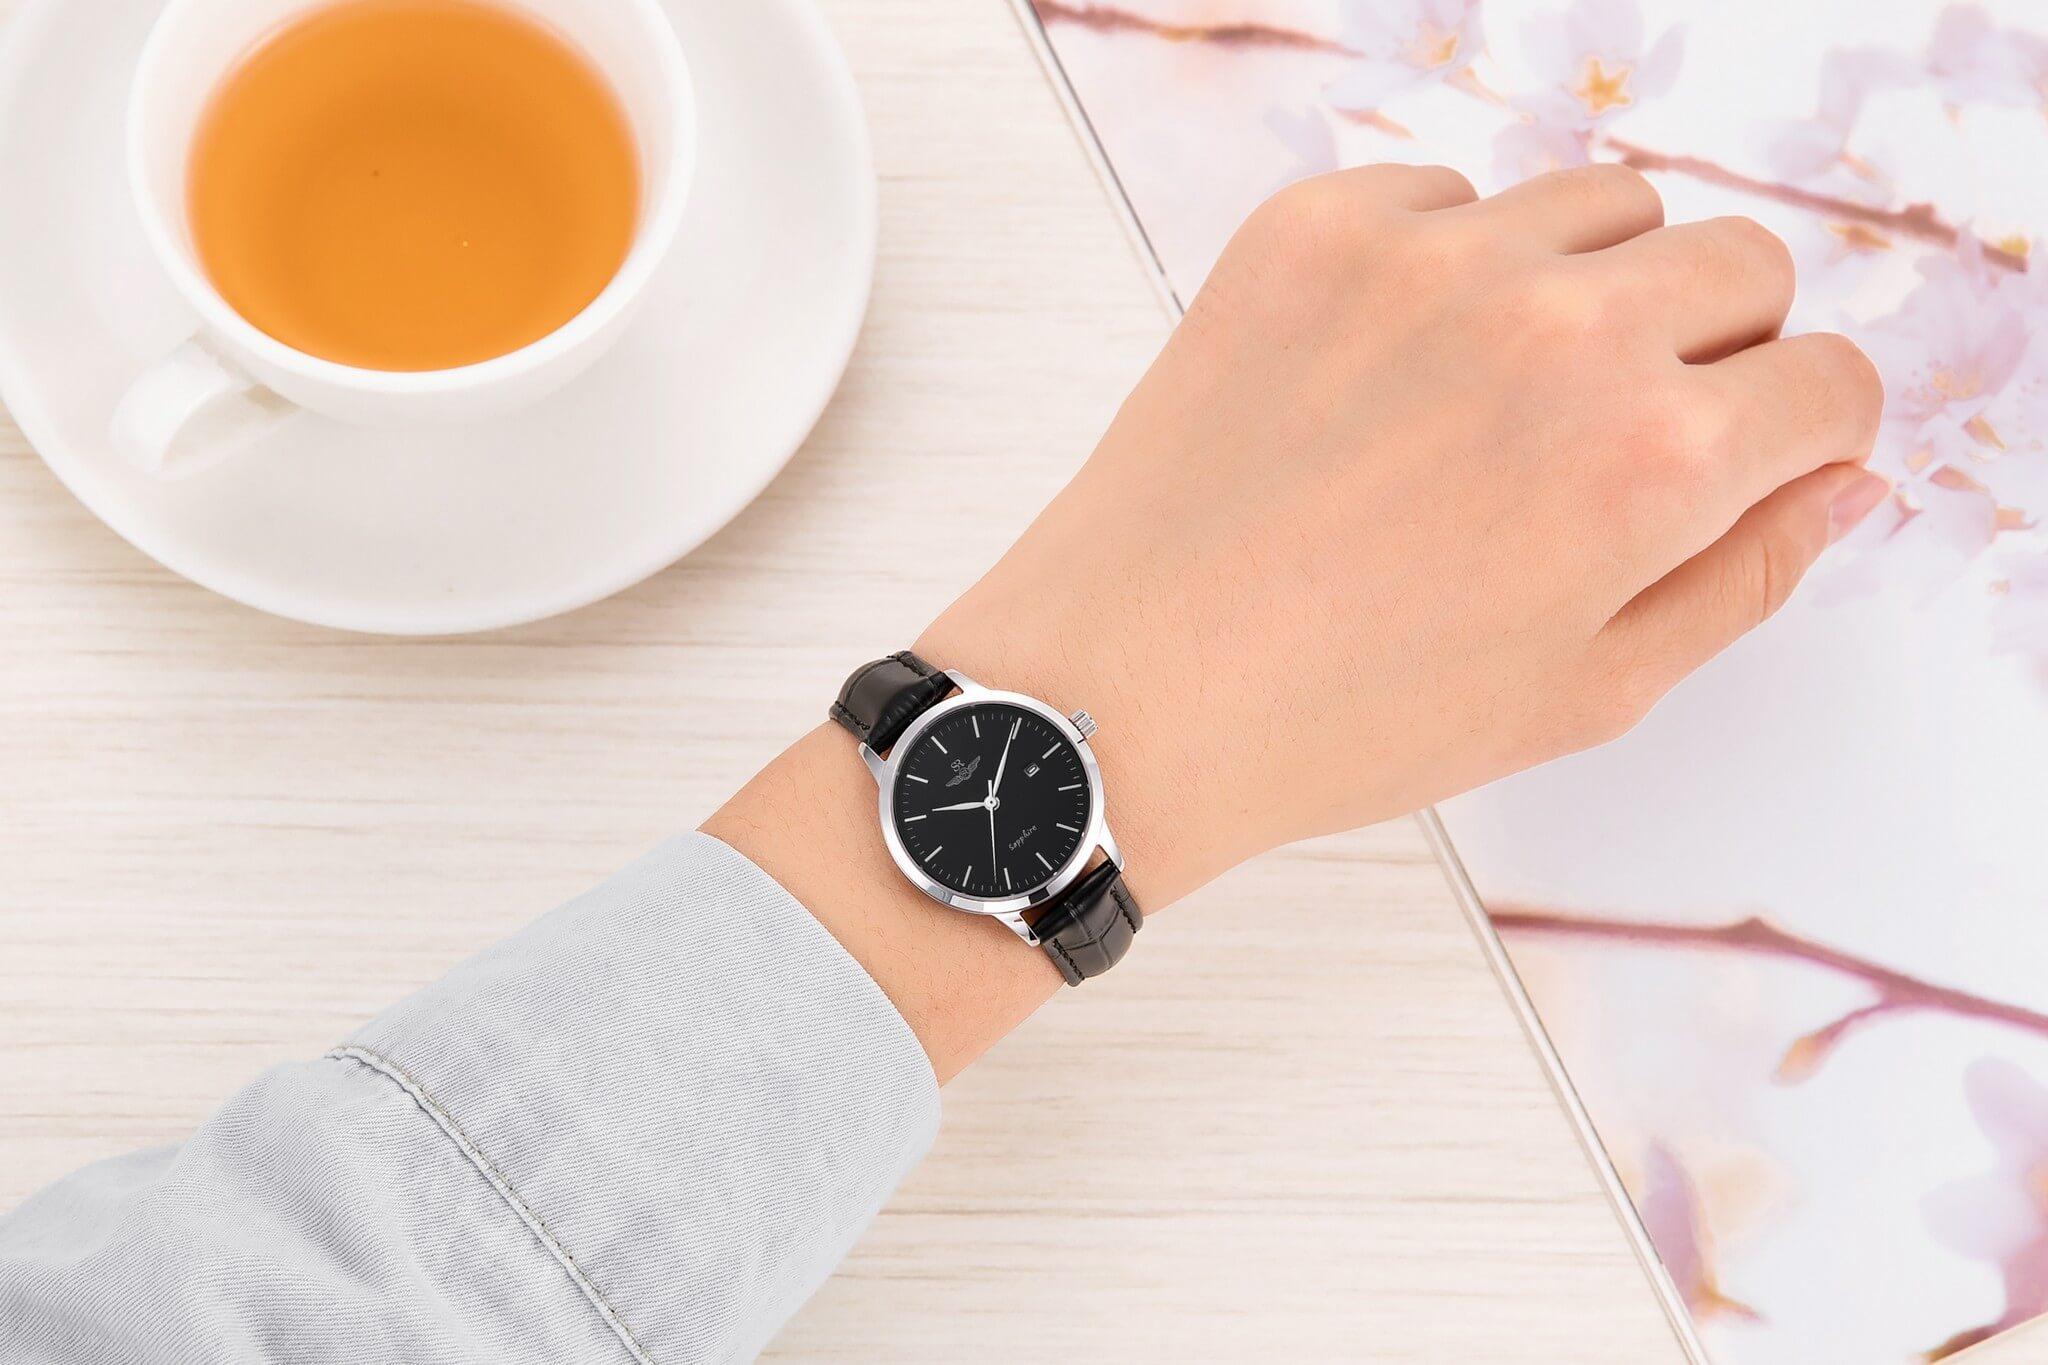 đồng hồ nữ dưới 2 triệu